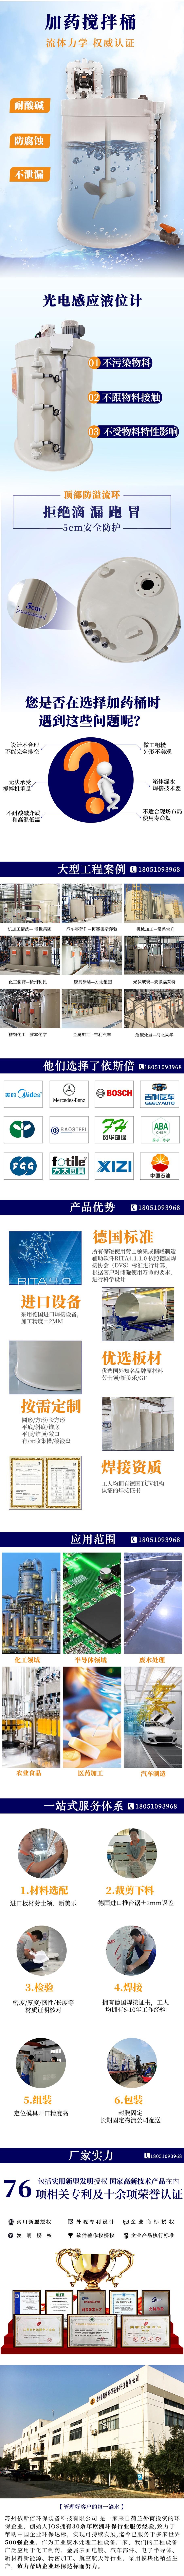 污水处理设备加药桶详情页